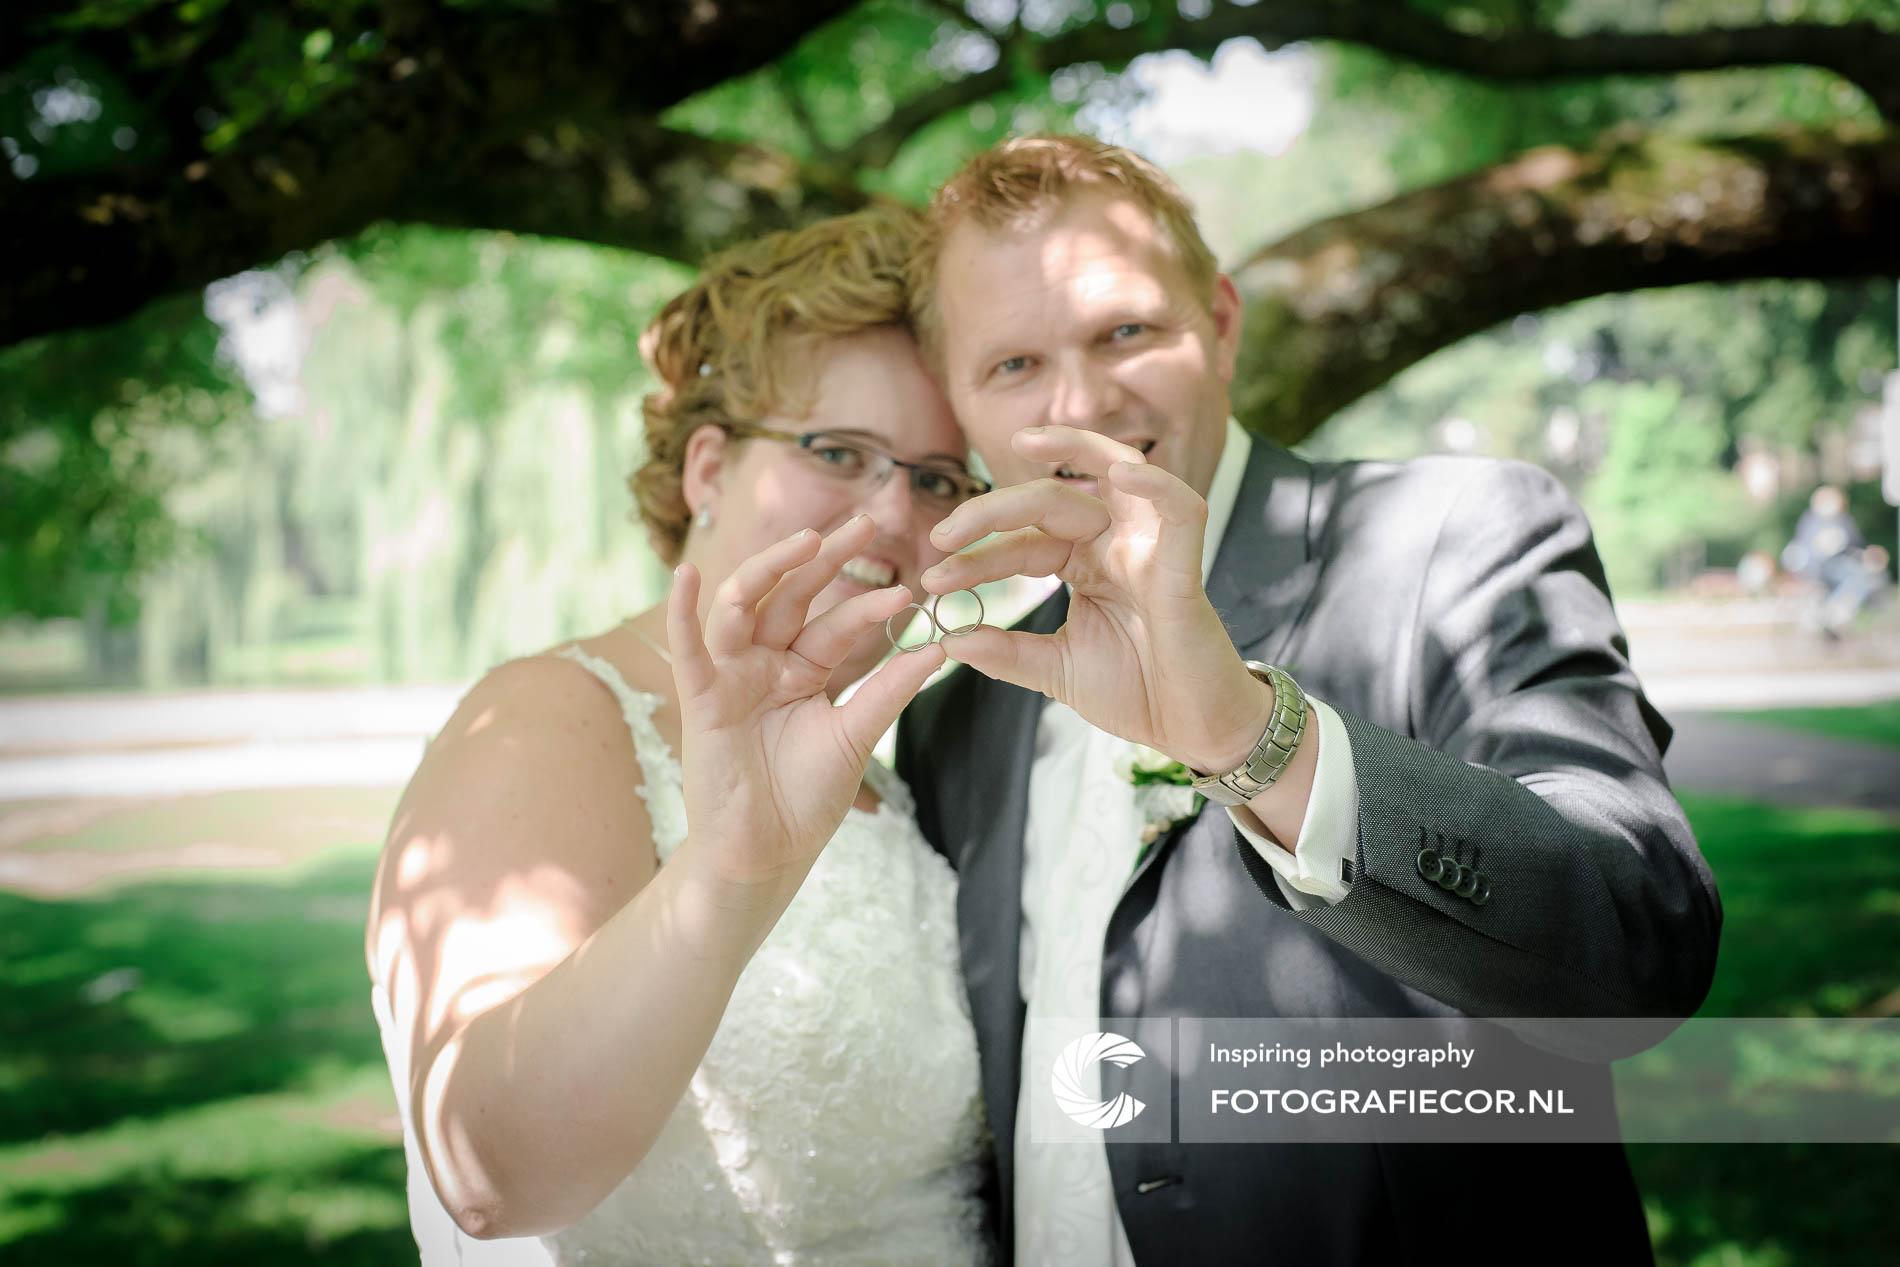 Trouwreportage | Trouwfoto's | opname van de trouwringen